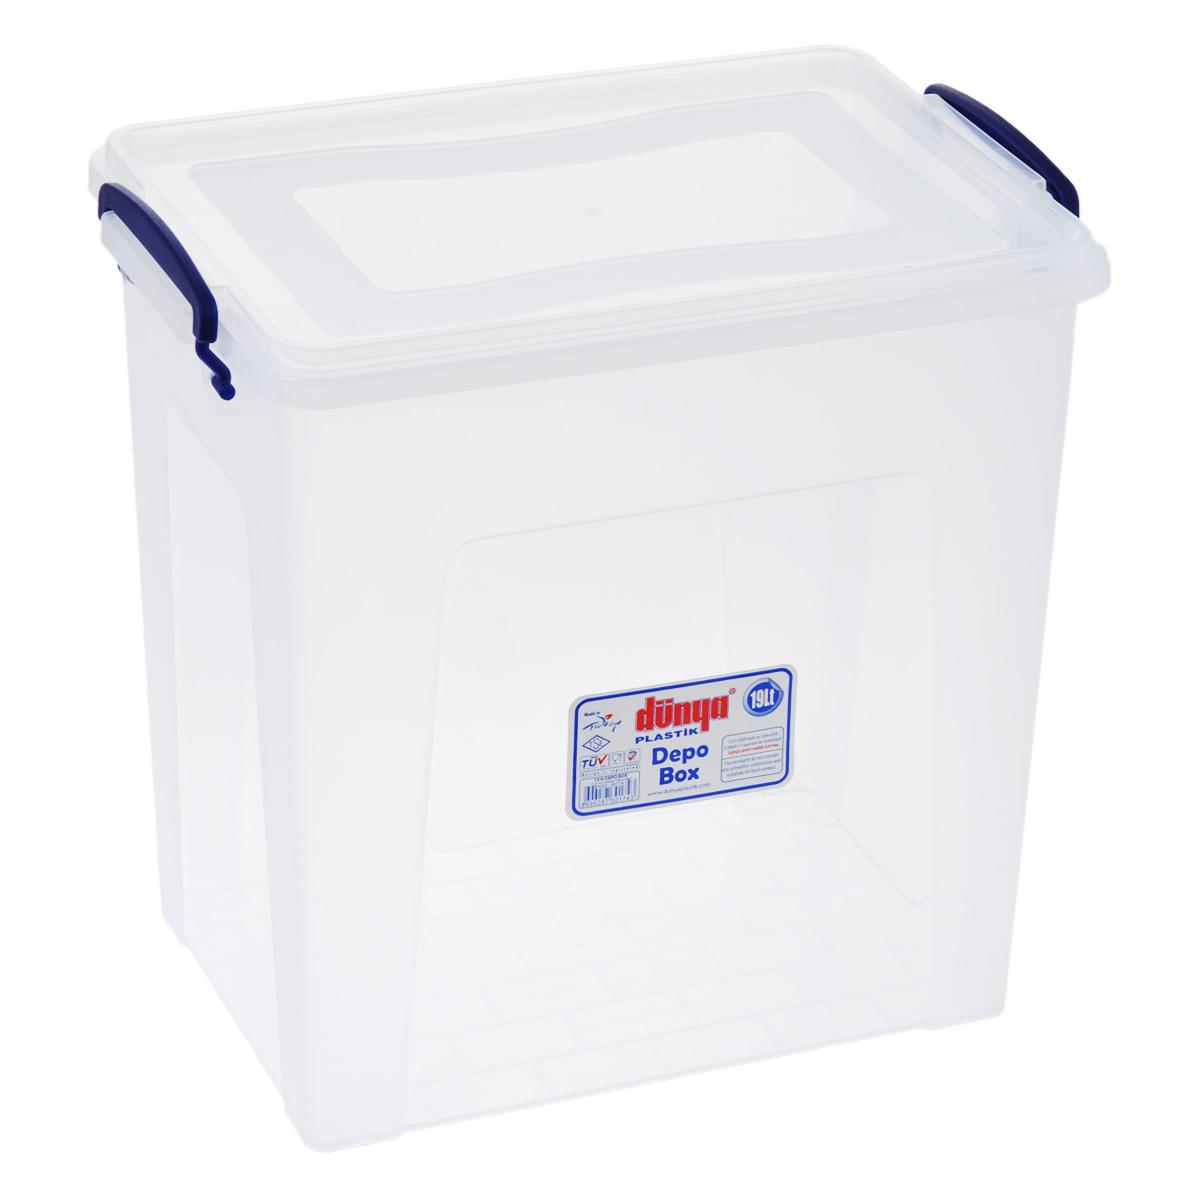 Контейнер Dunya Plastik Depo, цвет: прозрачный, синий, 19 л30174Контейнер Dunya Plastik Depo выполнен из прочного пластика. Он предназначен для хранения различных мелких вещей. Крышка легко открывается и плотно закрывается. Прозрачные стенки позволяют видеть содержимое. По бокам предусмотрены две удобные ручки, с помощью которых контейнер закрывается. Контейнер поможет хранить все в одном месте, а также защитить вещи от пыли, грязи и влаги.